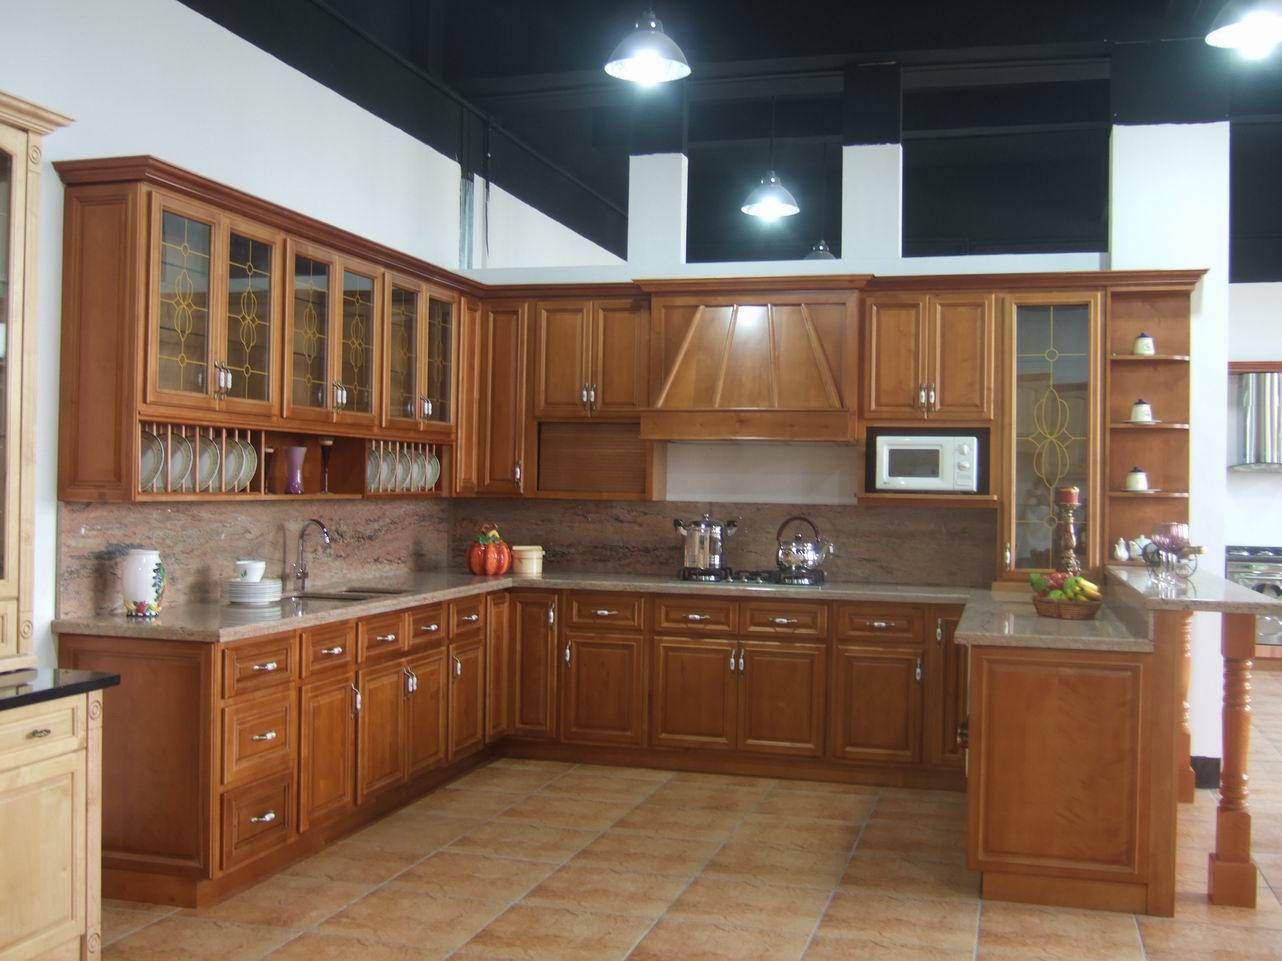 Kitchen Cabinet Design Layout Kitchen Furniture Design Interior Design Kitchen Design Your Kitchen